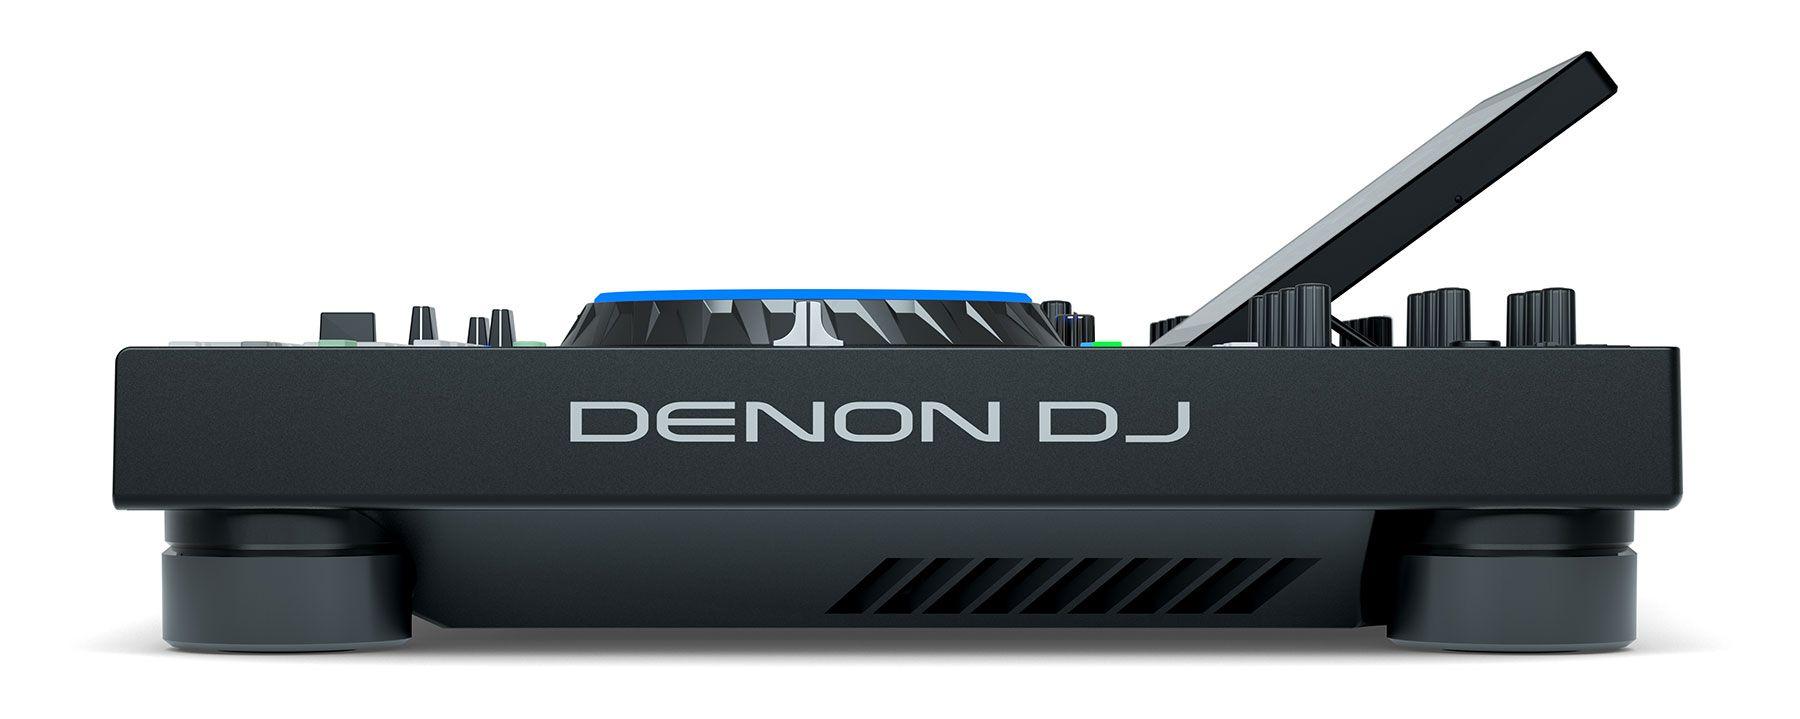 DENON DJ PRIME 4 CONSOLE CONTROLLER STANDALONE PER DJ 4 DECK CON TOUCH SCREEN 10 4x USB + SD CARD 4